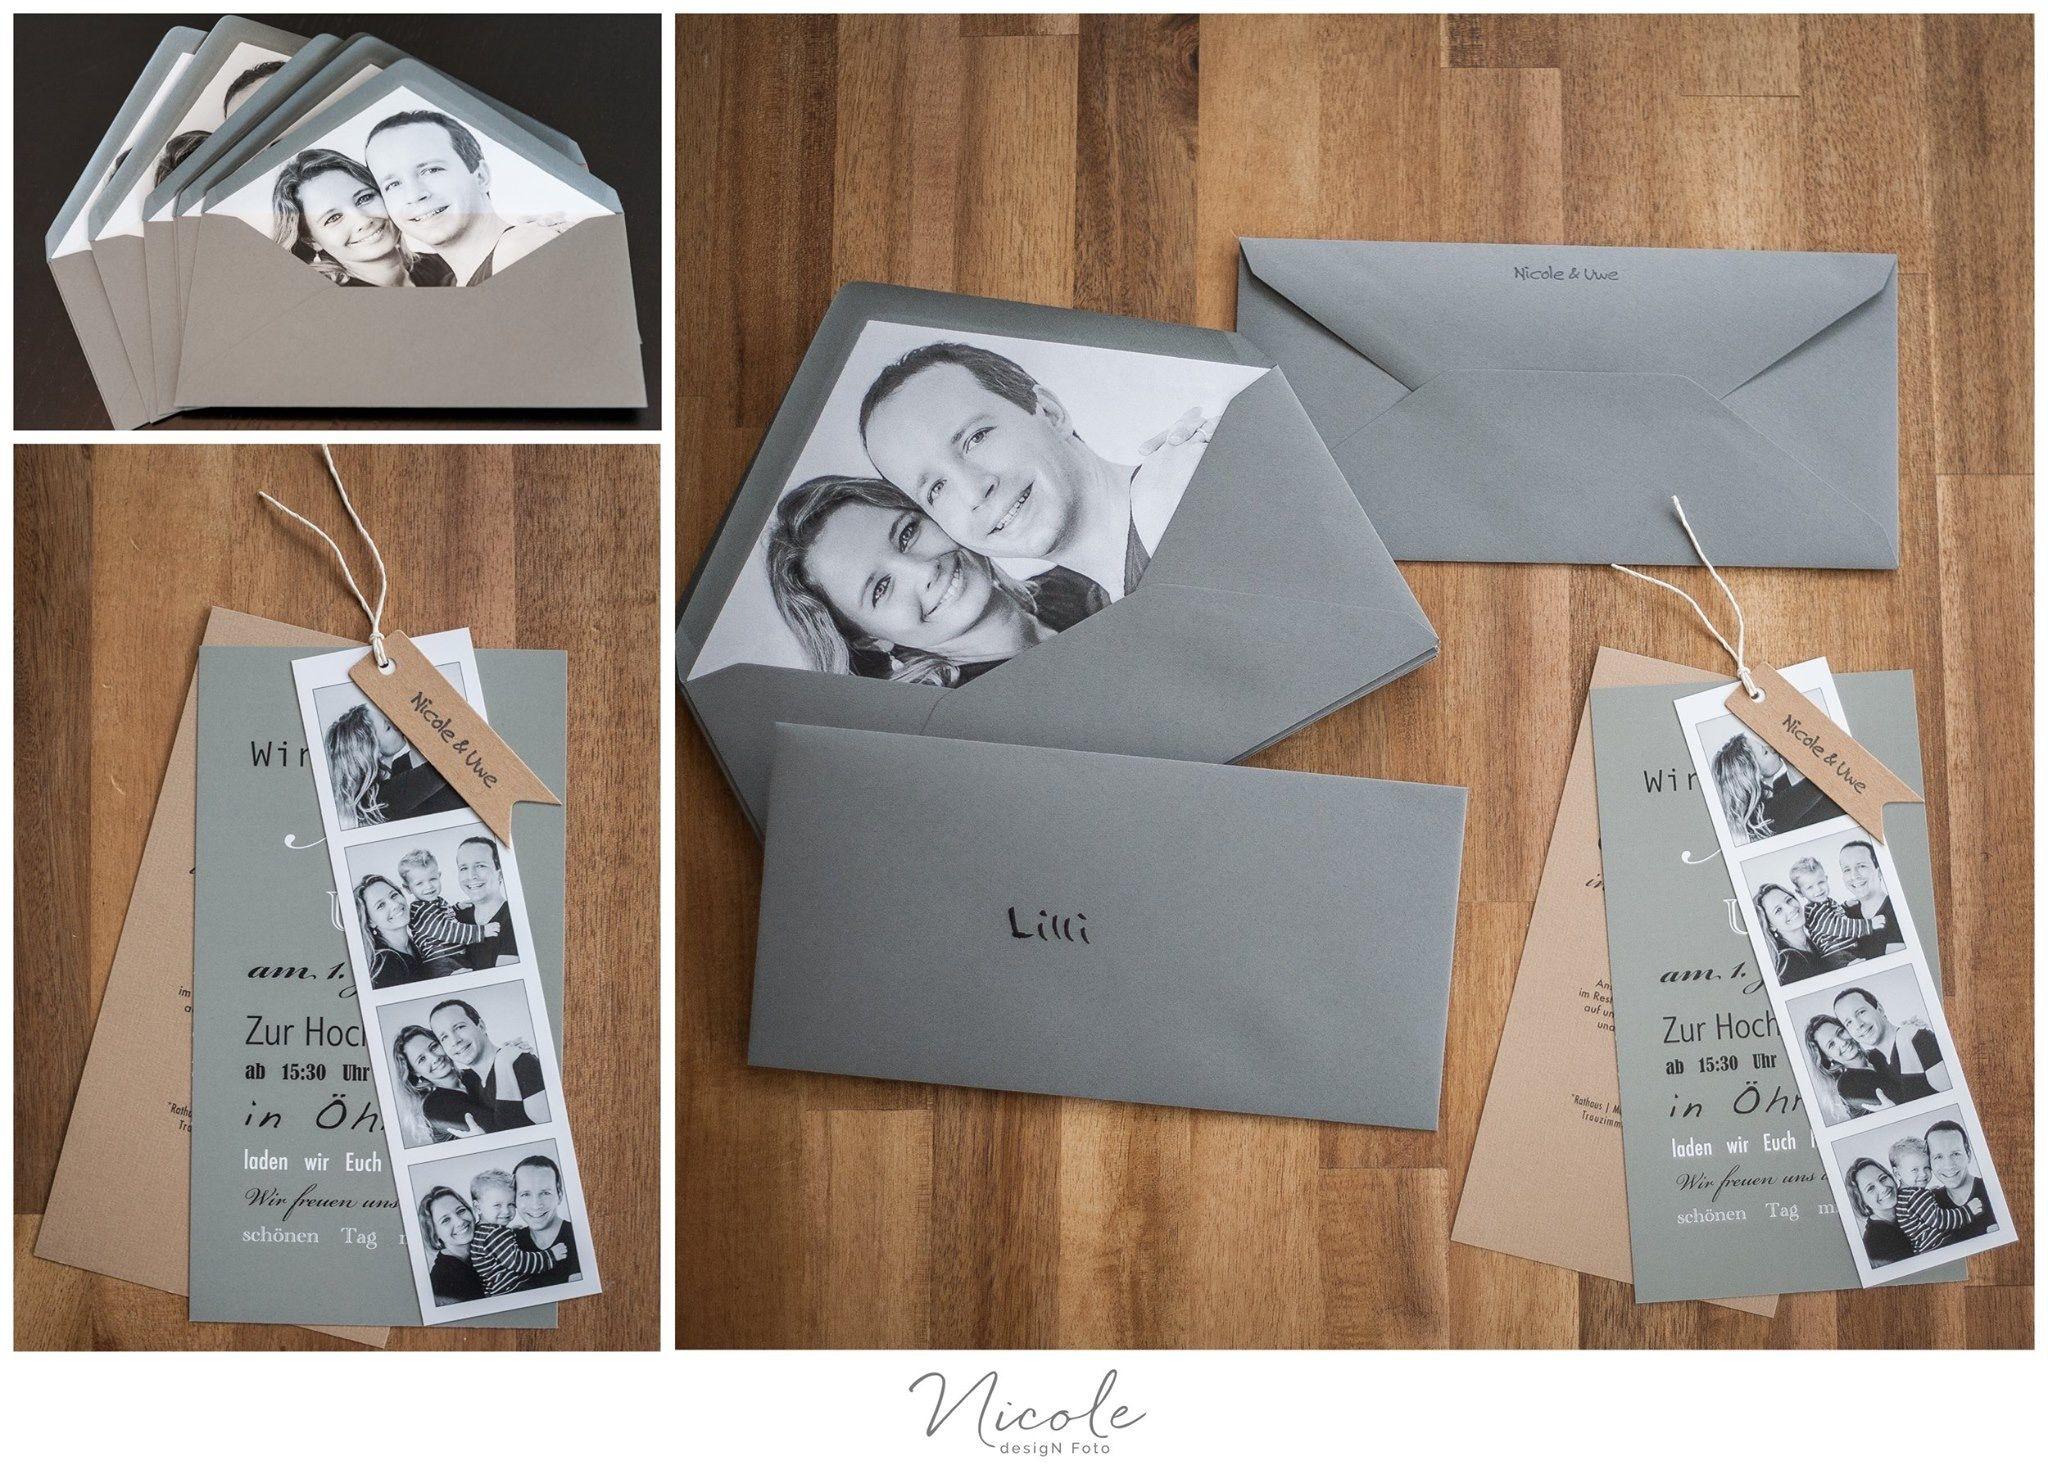 Hochzeitseinladungen, Einladung Zur Hochzeit, Engagementfoto Im Umschlag,  Verlobungsshooting, Fotos Für Hochzeitseinladung